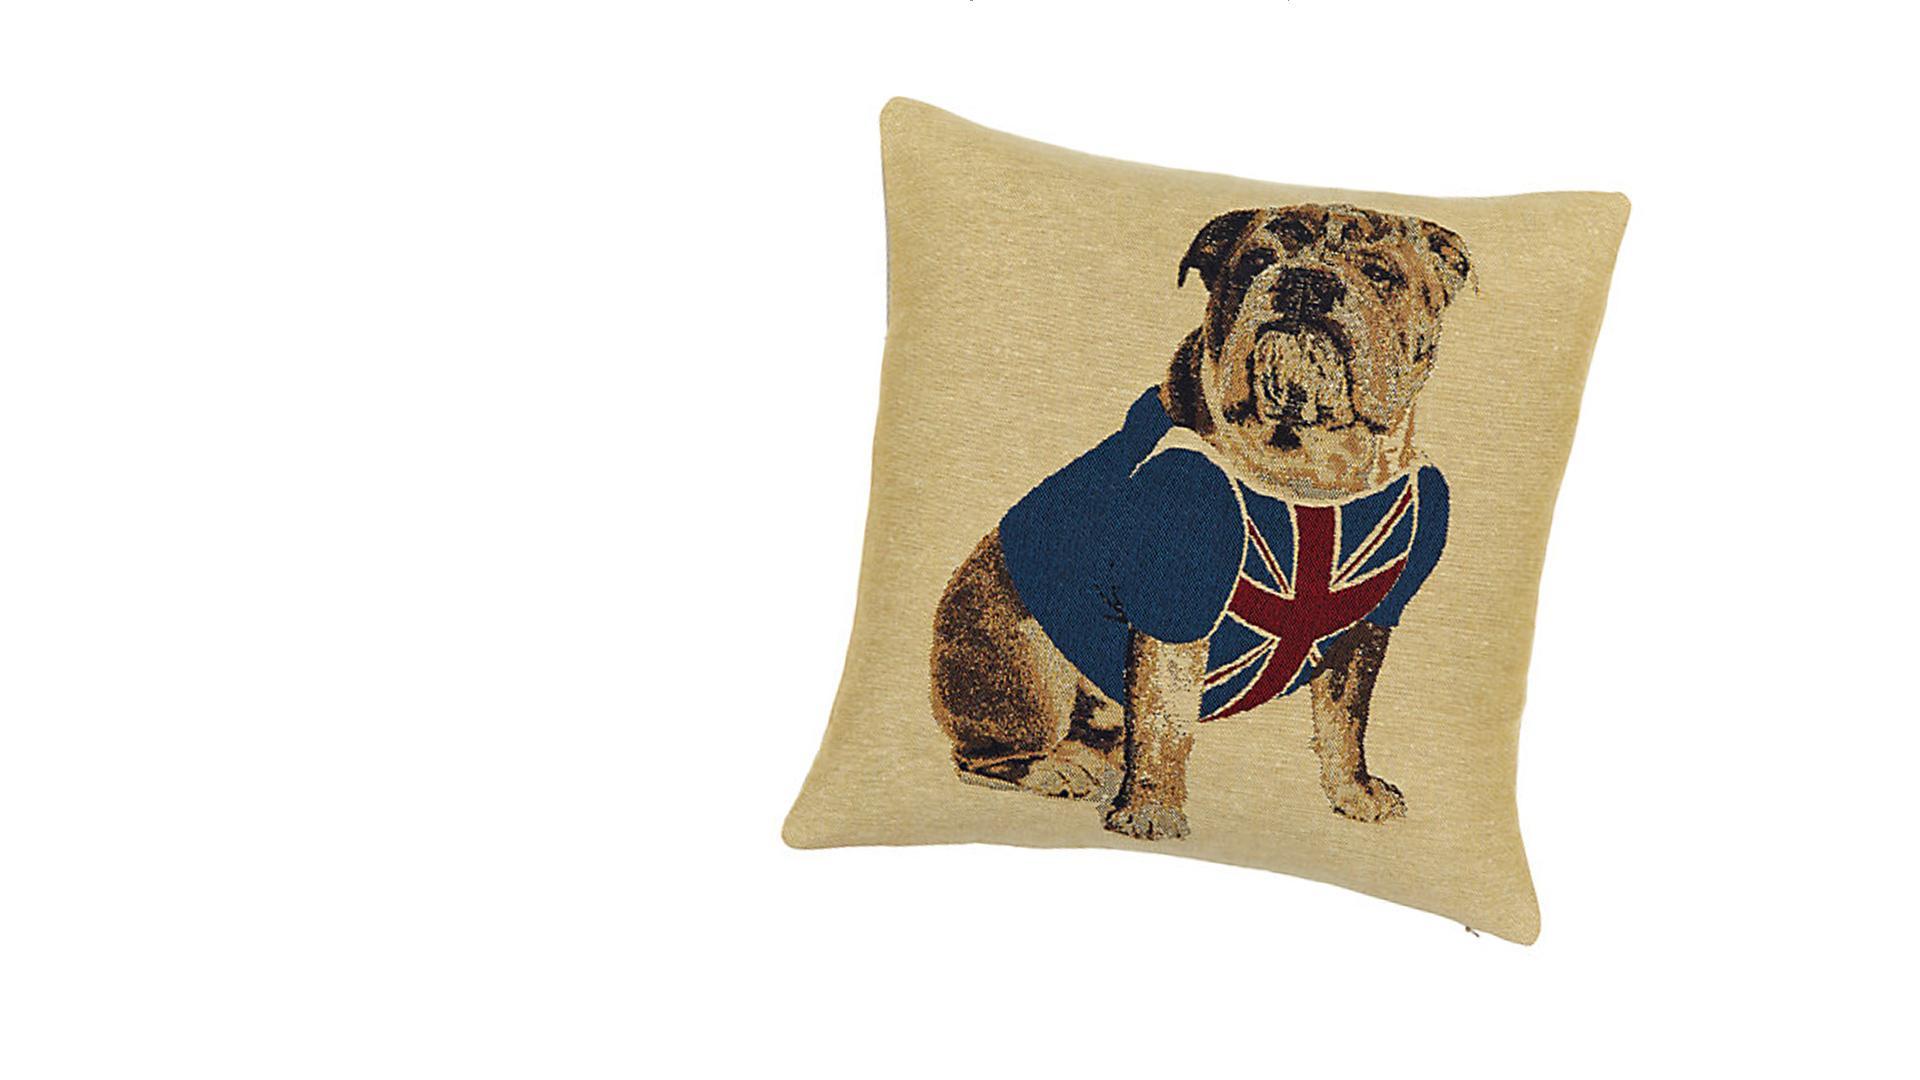 Bulldog Cushion - Big Brother 2017